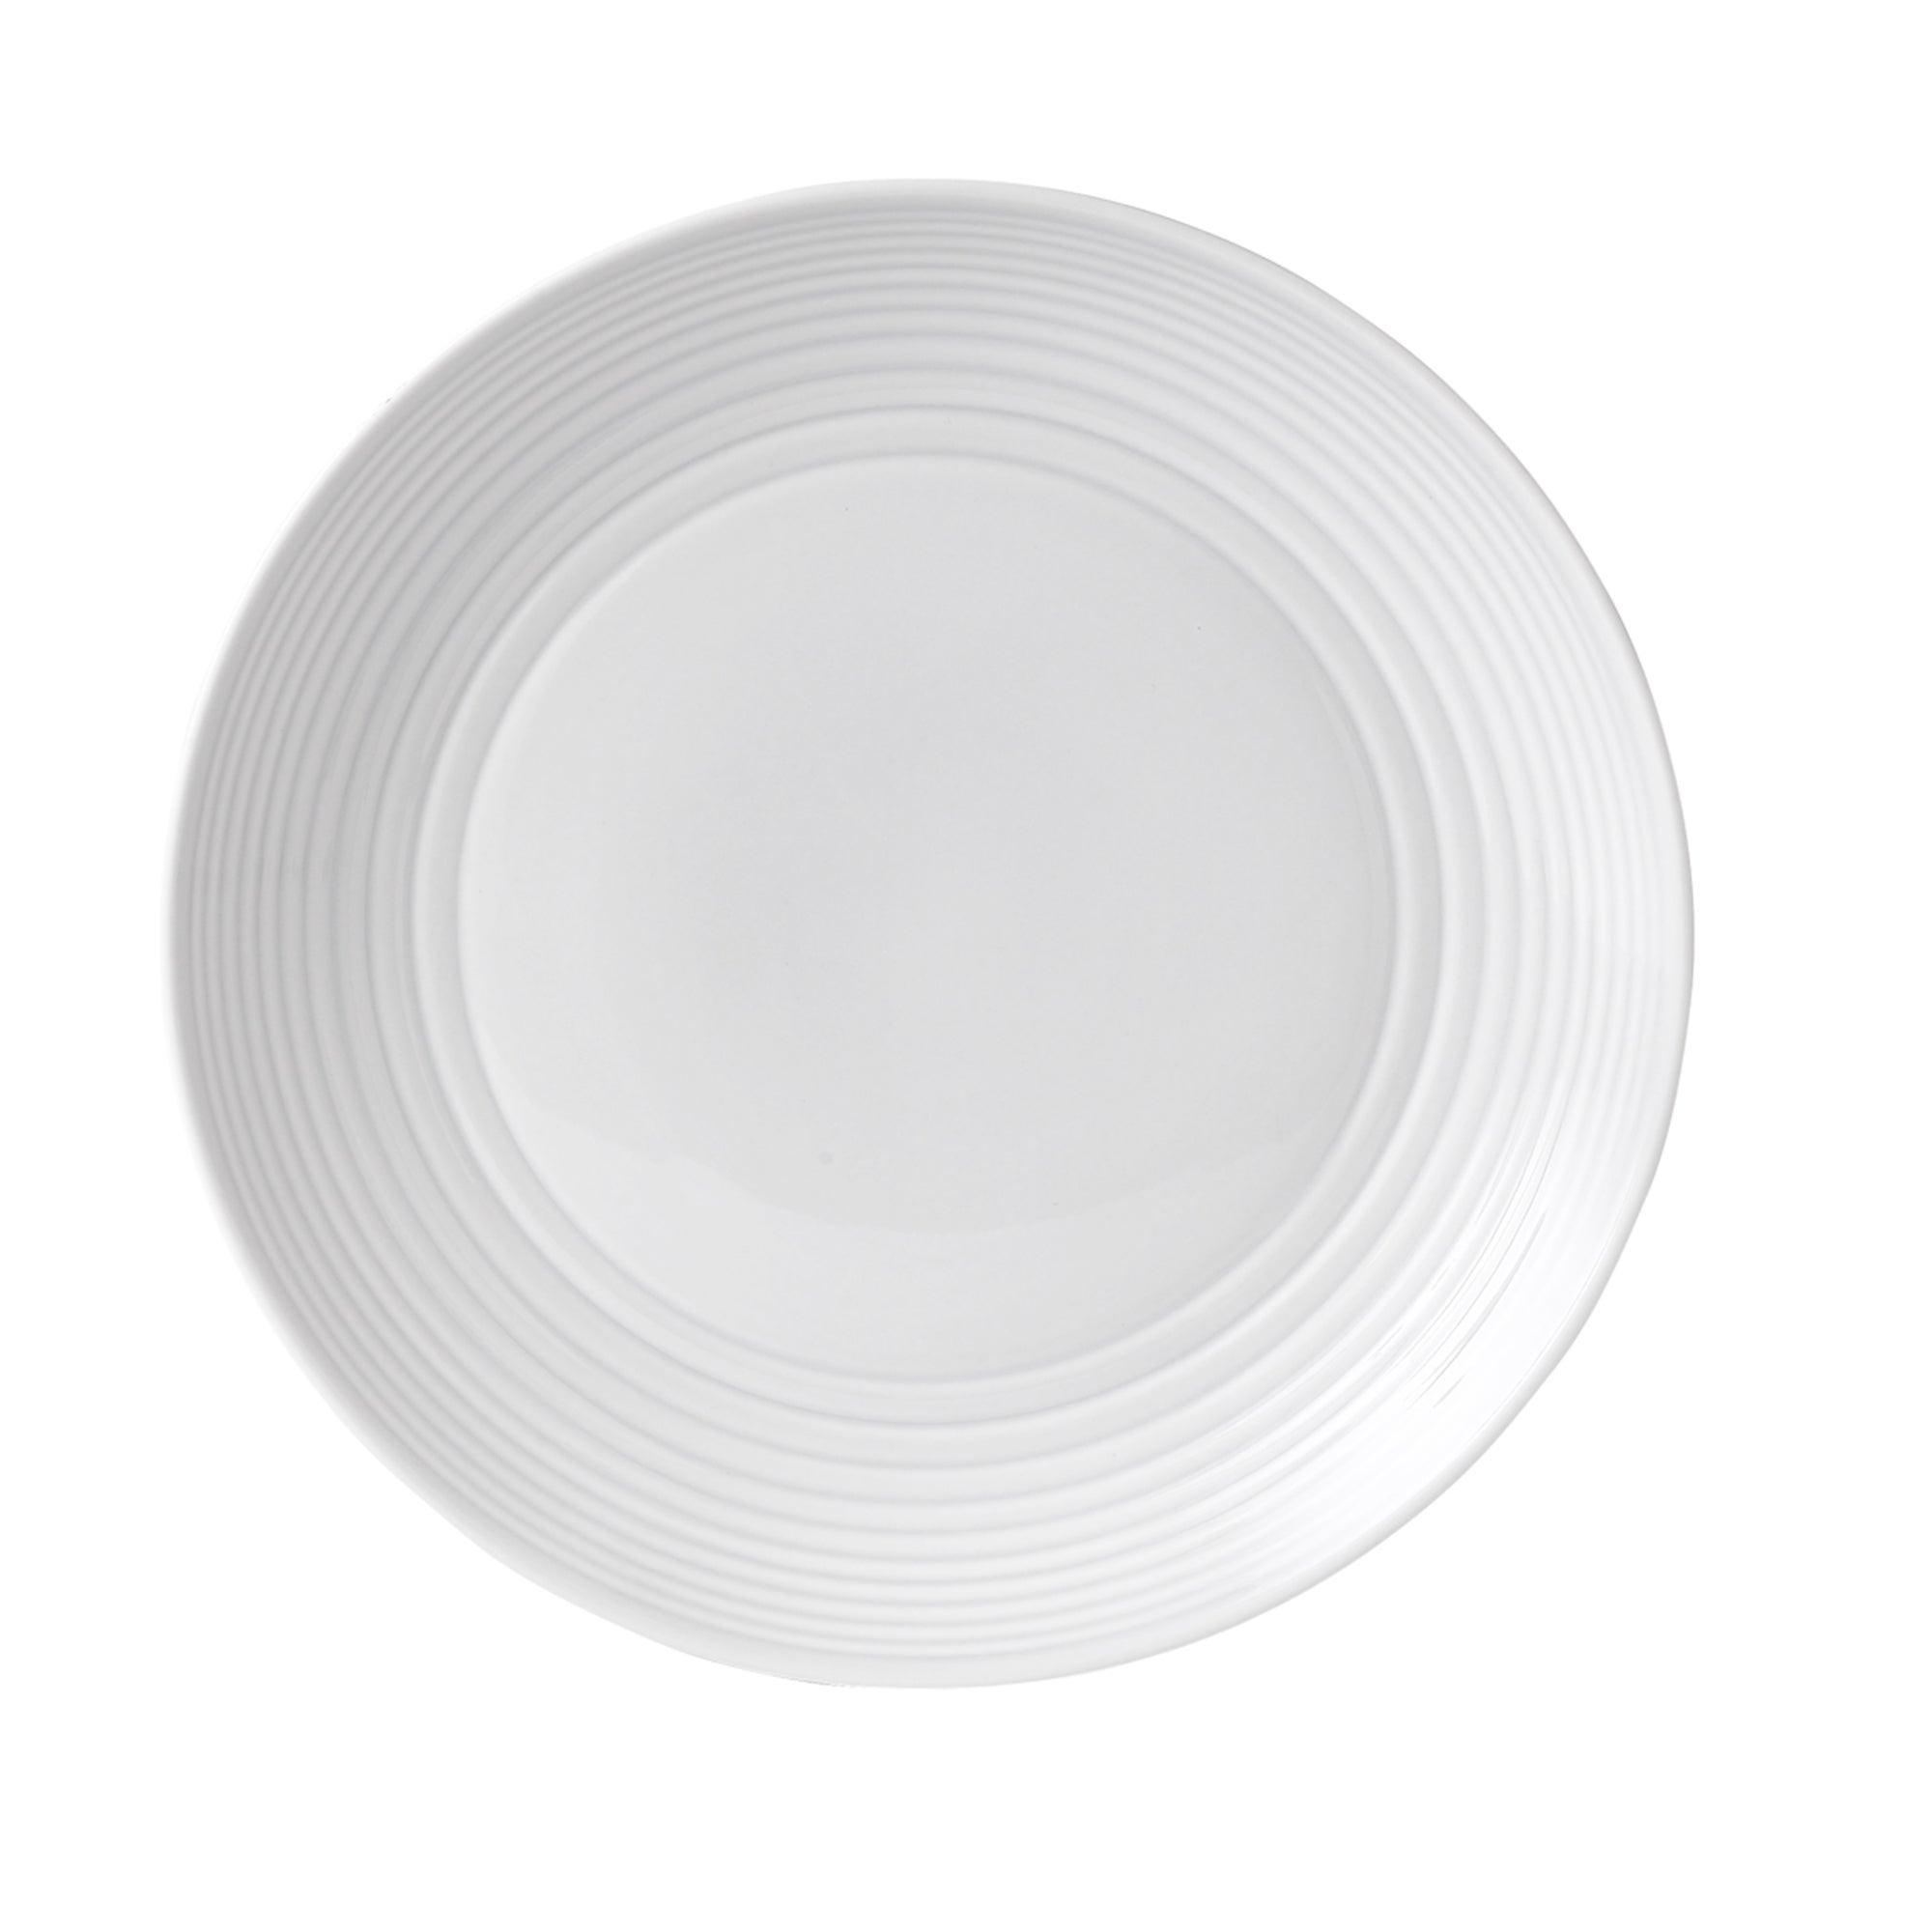 Image of Gordon Ramsay White Maze Dinner Plate White